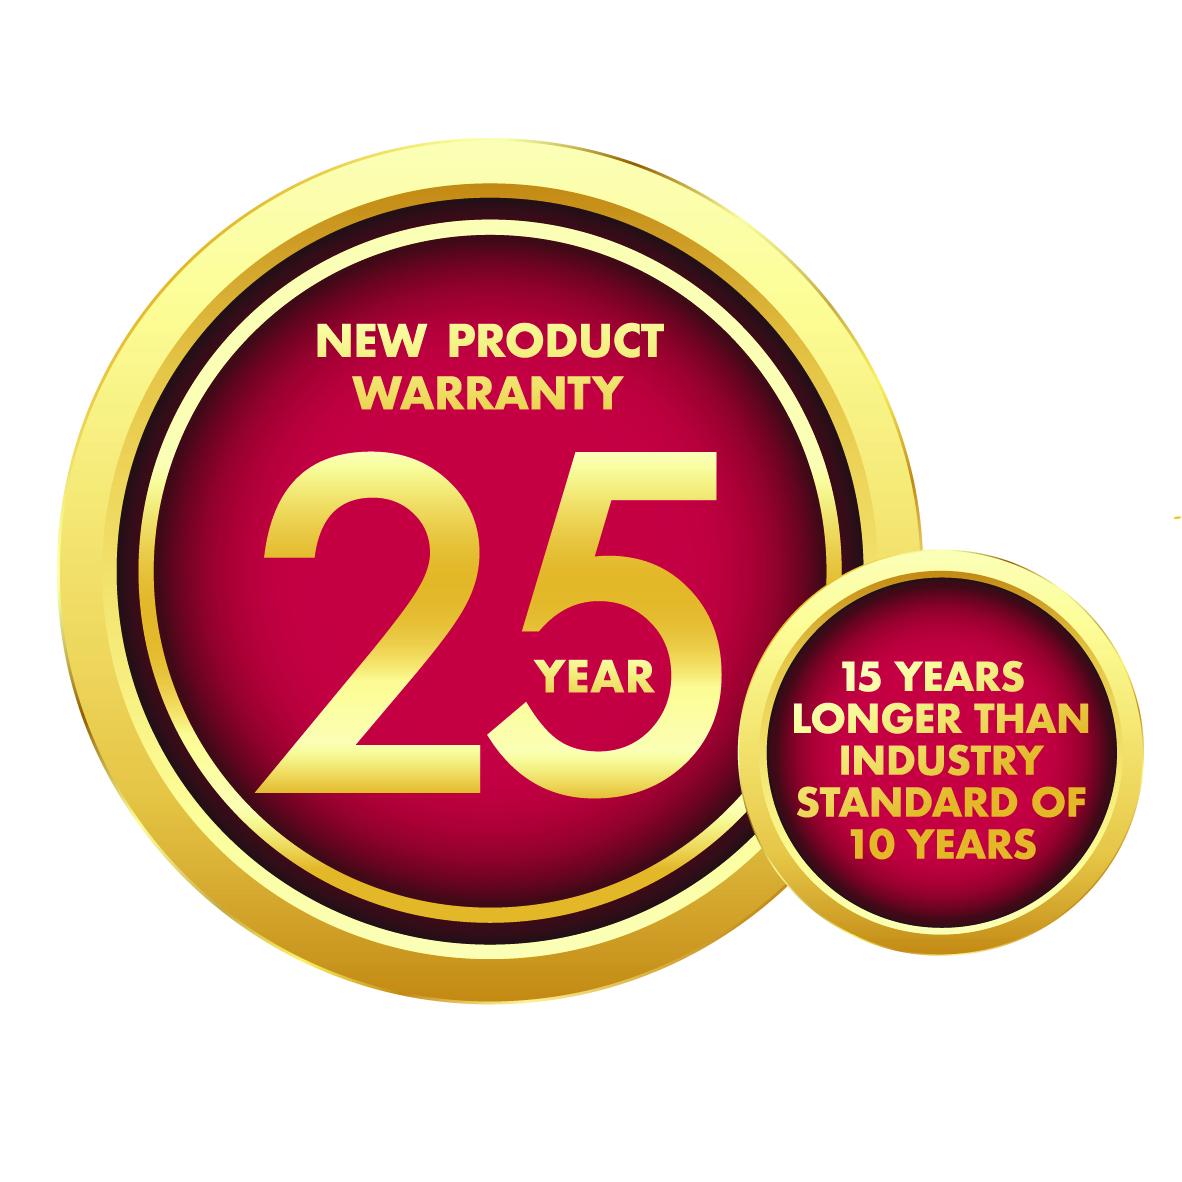 LG 25 Year Warranty Logo